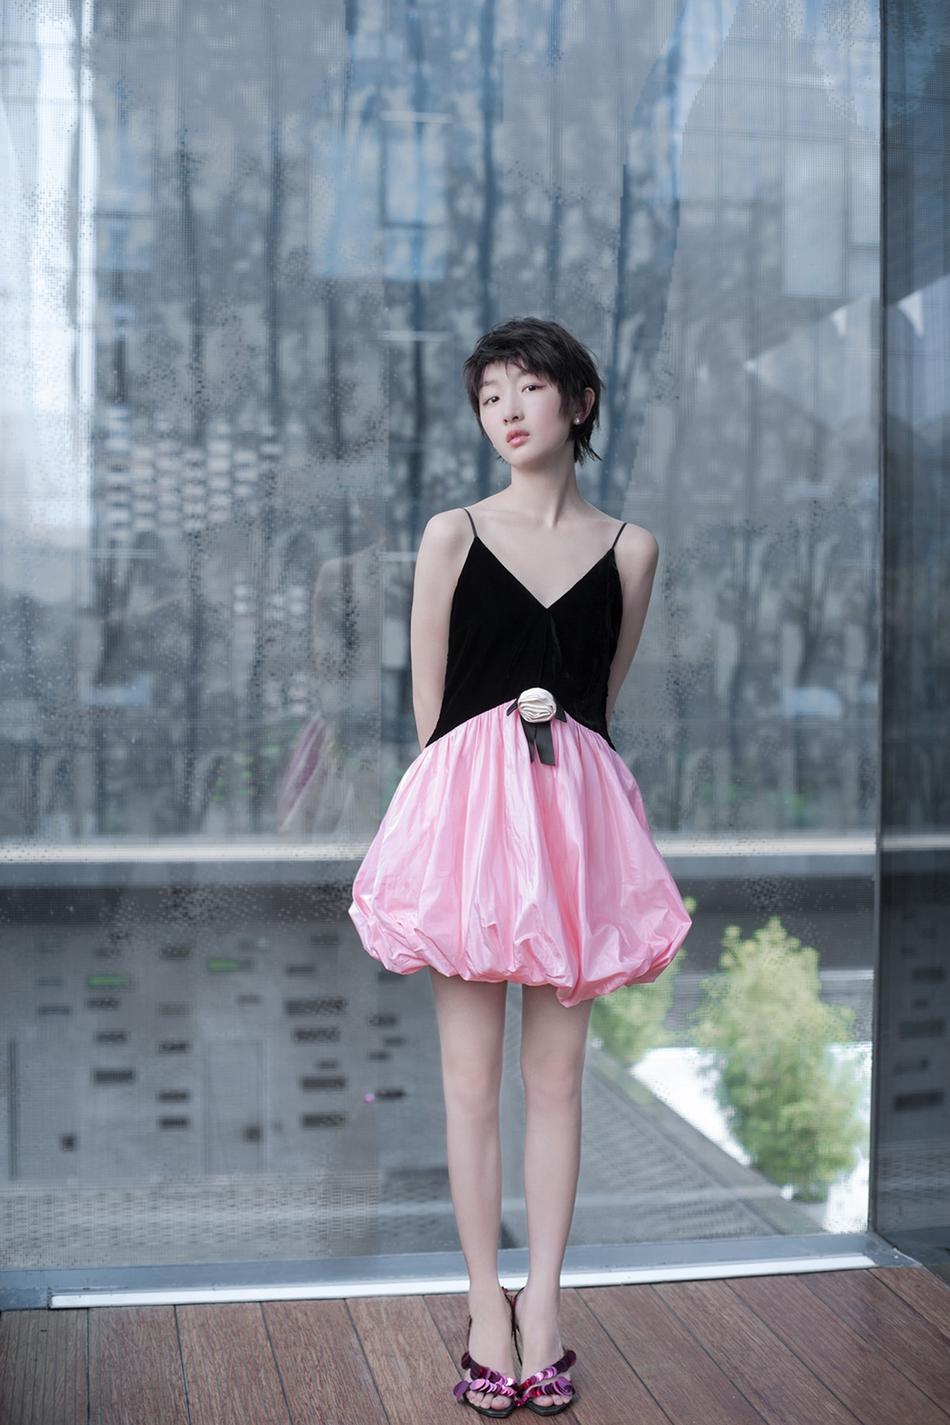 周冬雨粉黑吊带裙出席活动 利落短发俏皮可人